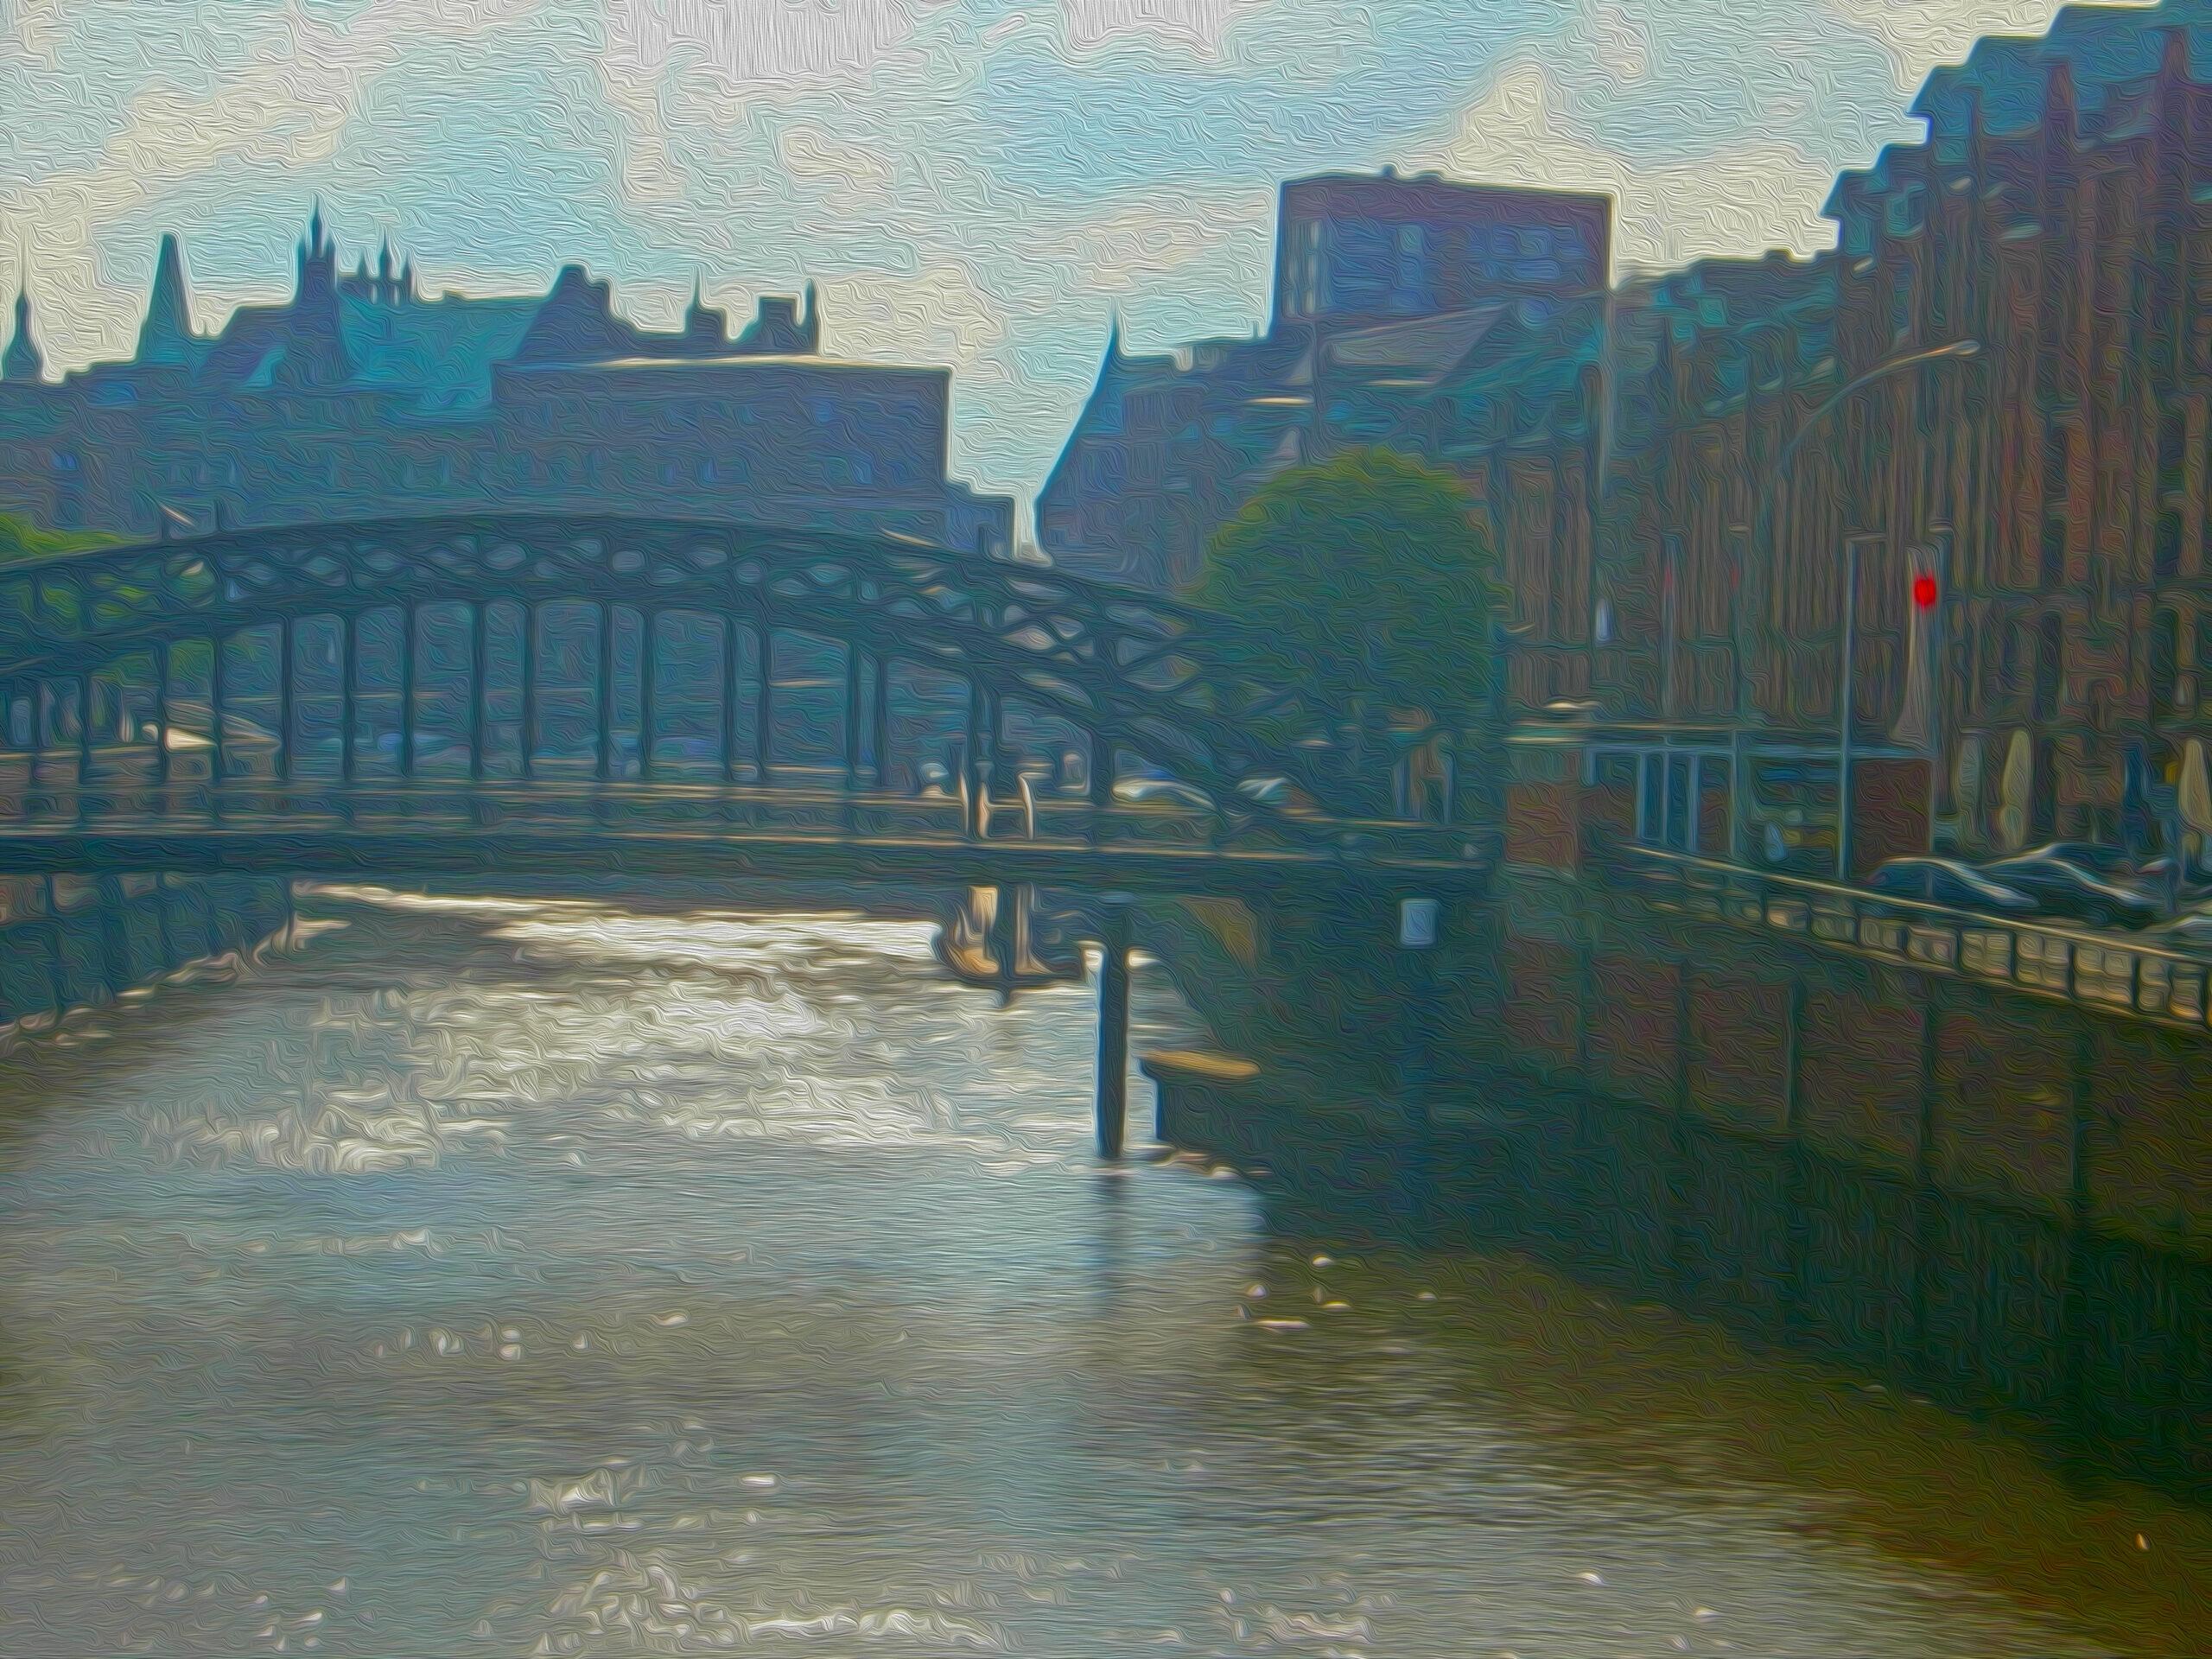 Havnerundfart gennem Hamborgs kanaler